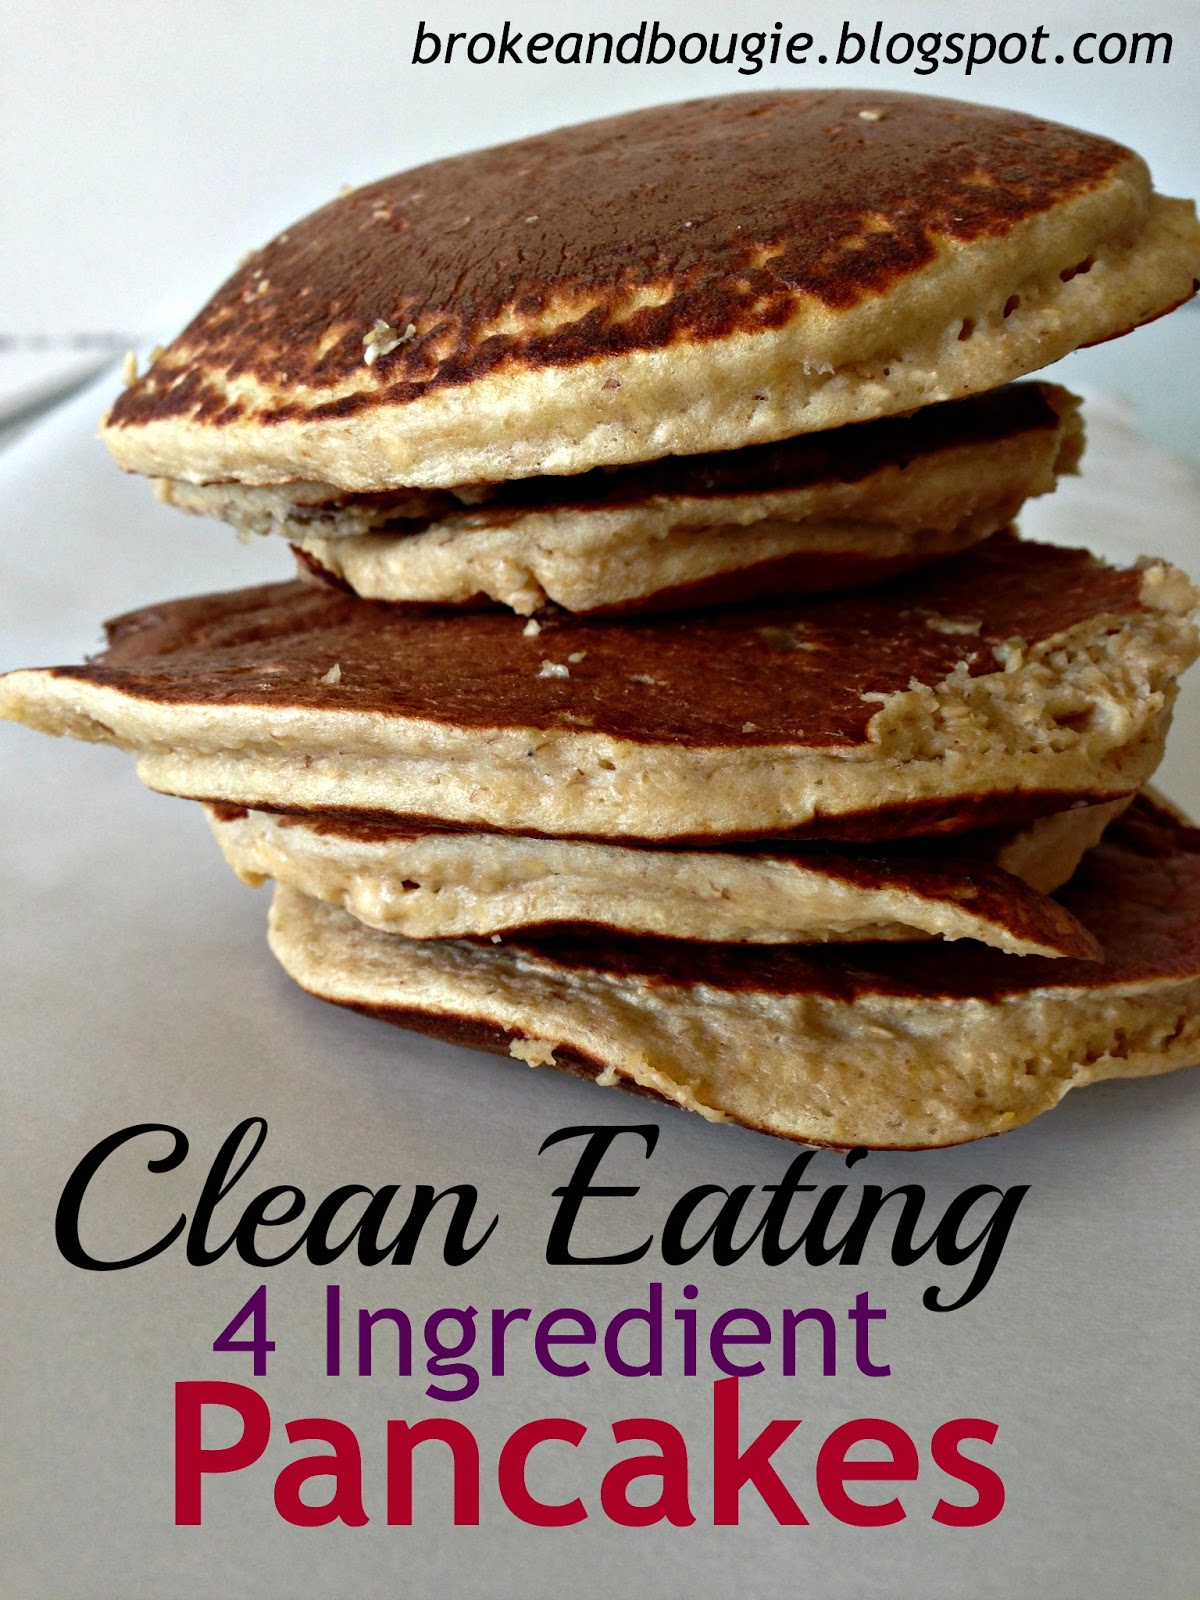 Broke and Bougie: Clean Eating Pancakes! 4 Ingredient ...